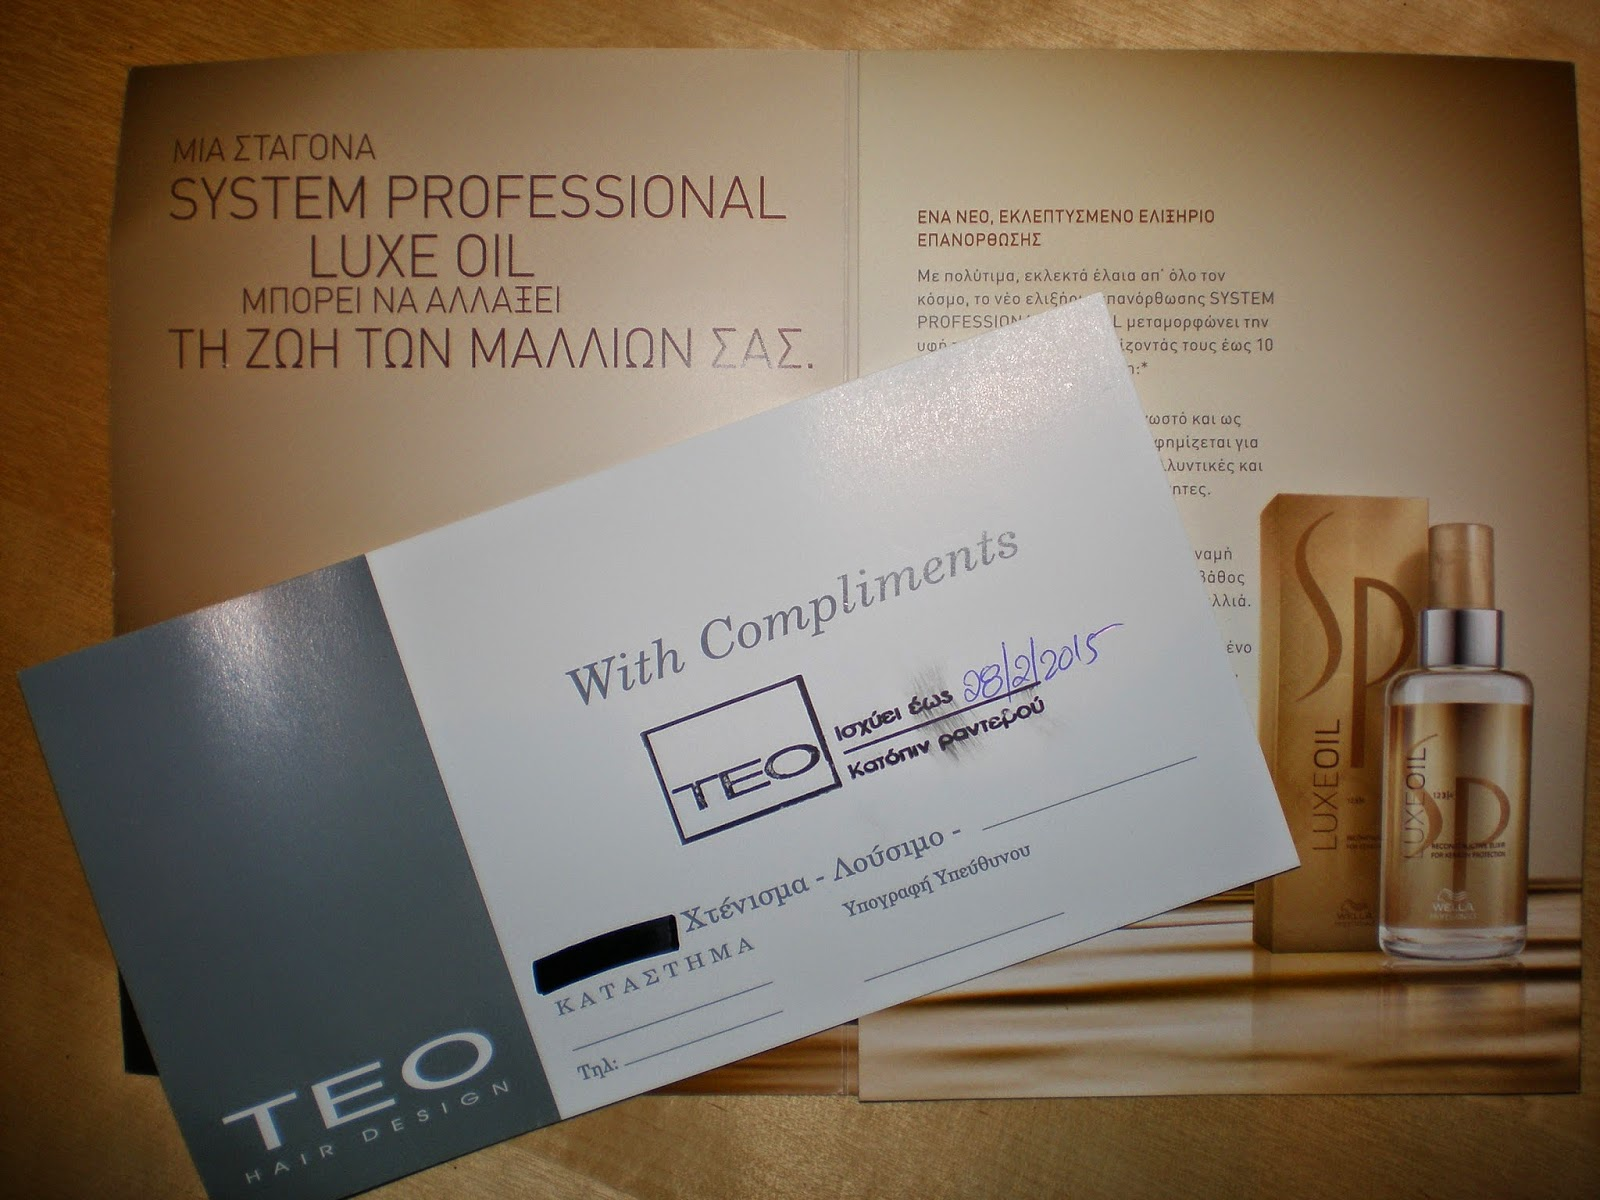 Teo Hair Design gift voucher